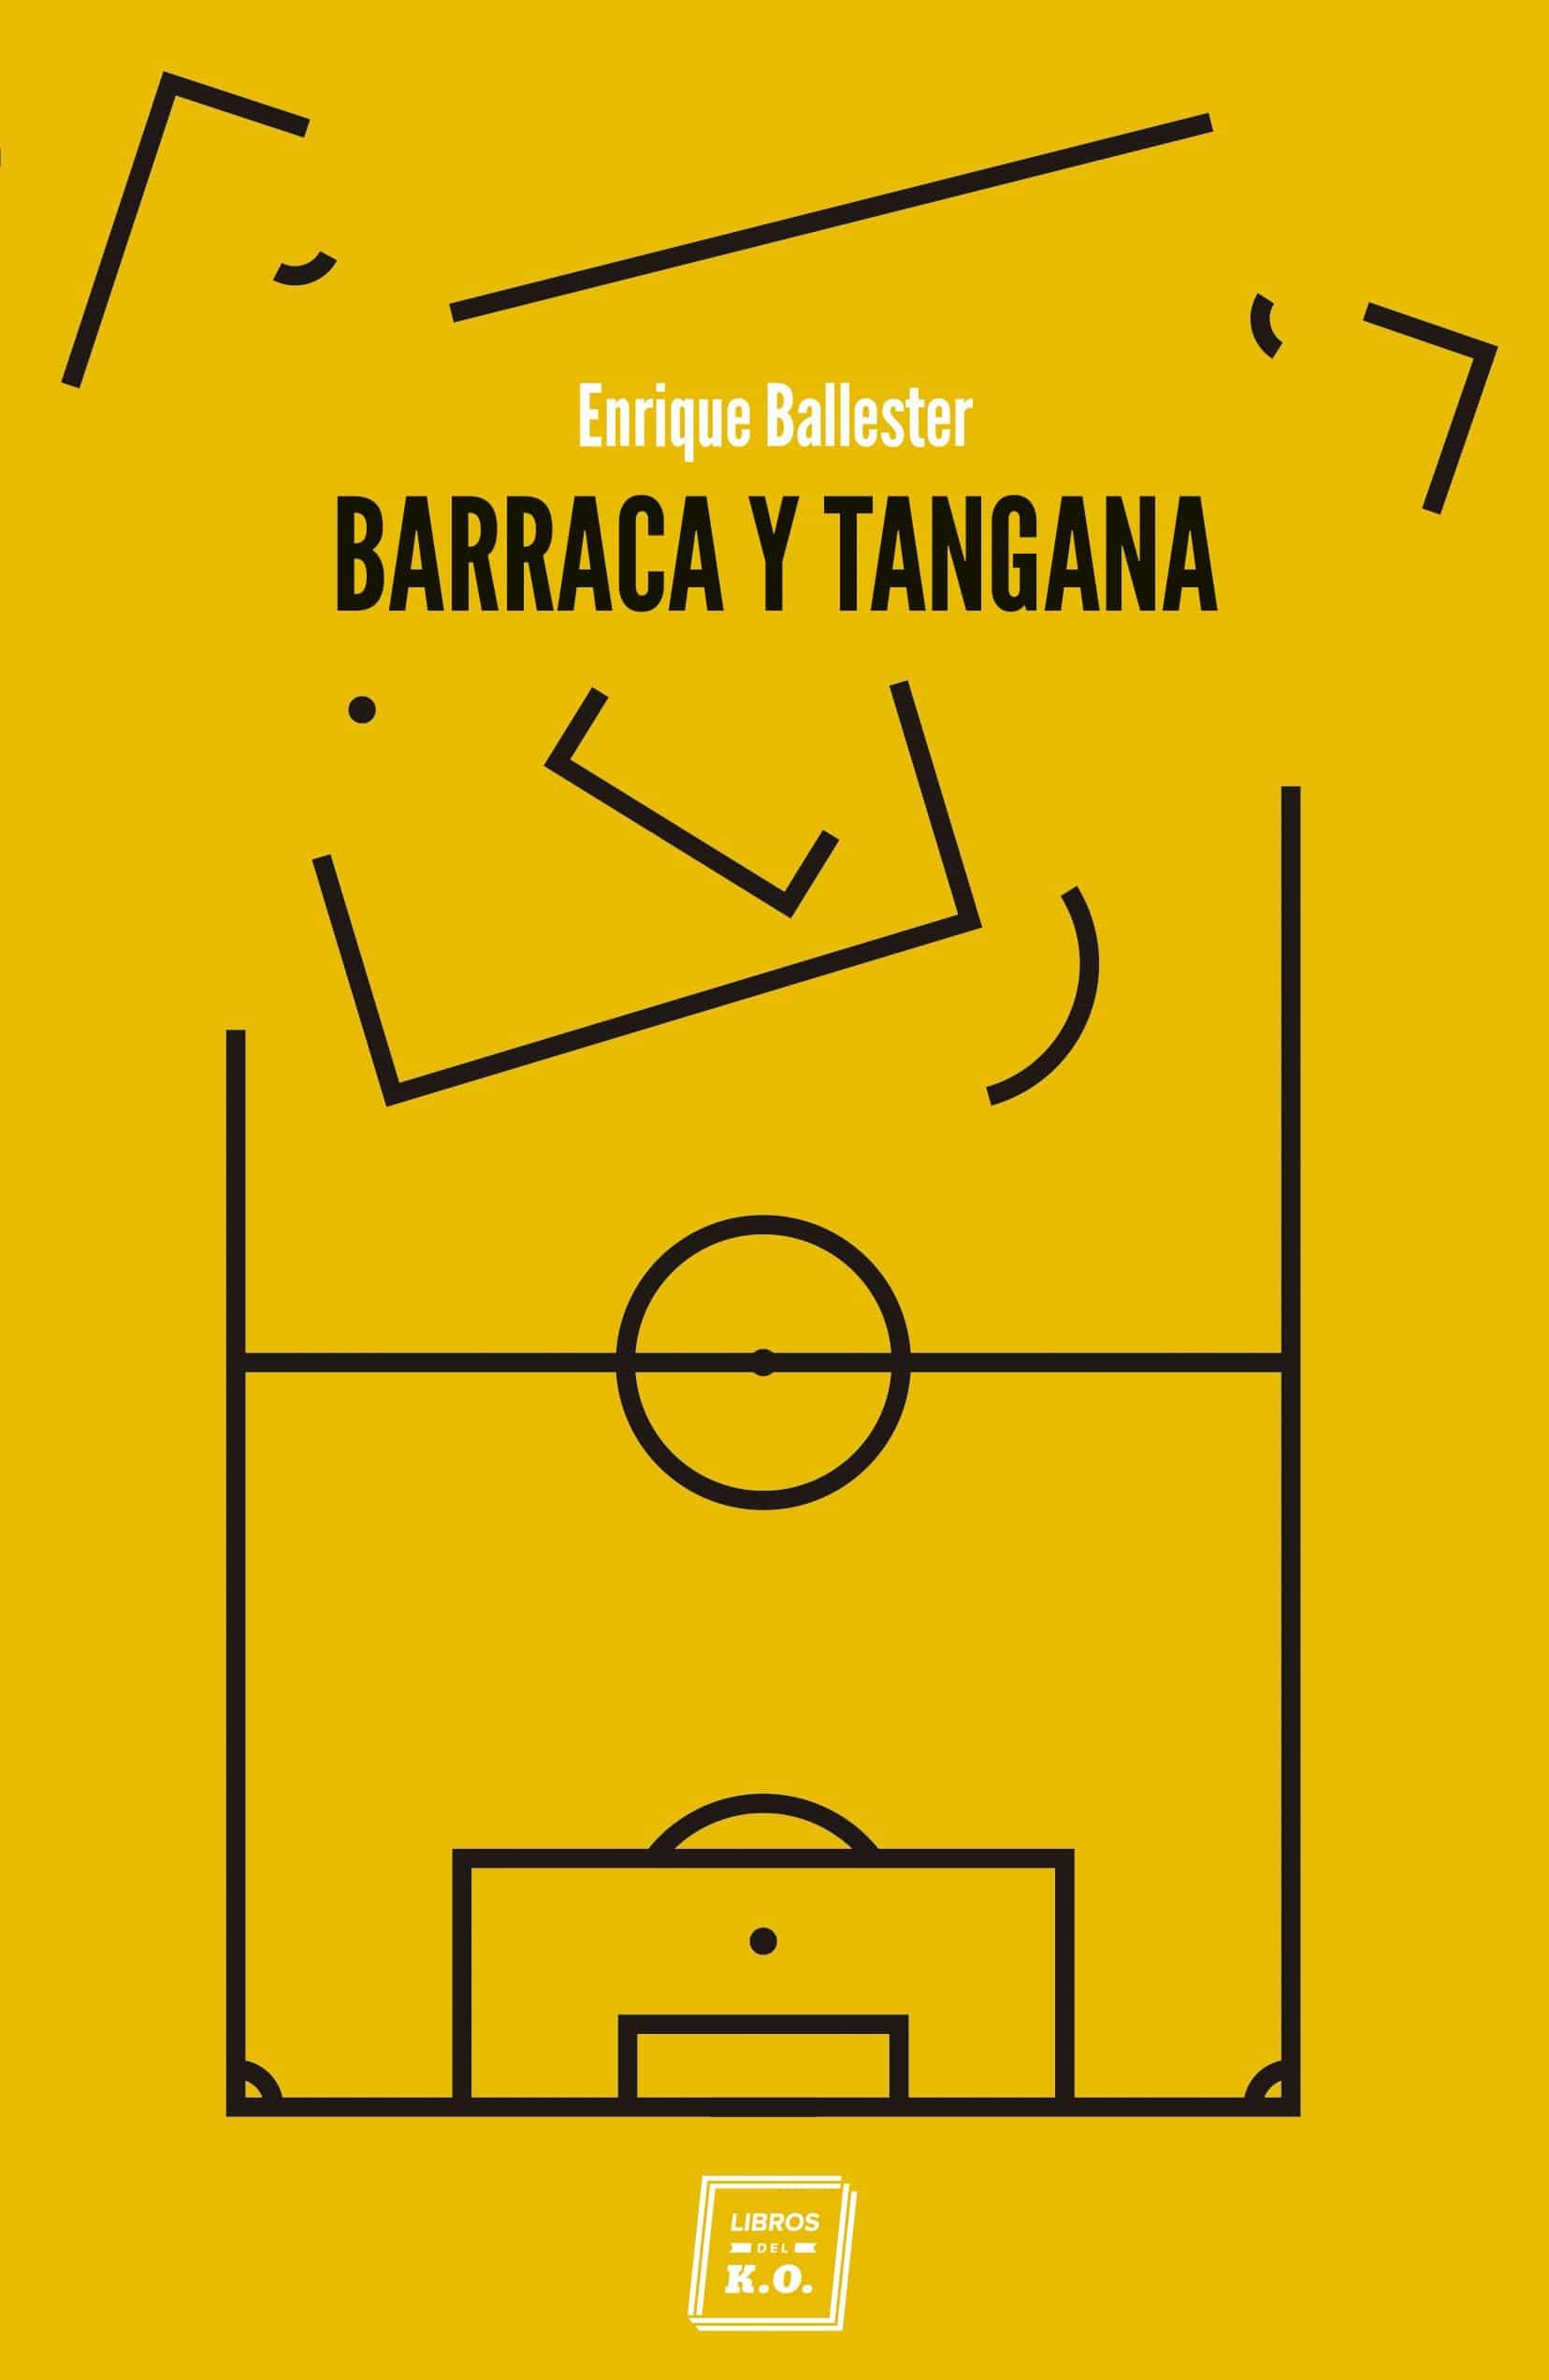 Barraca y Tangana